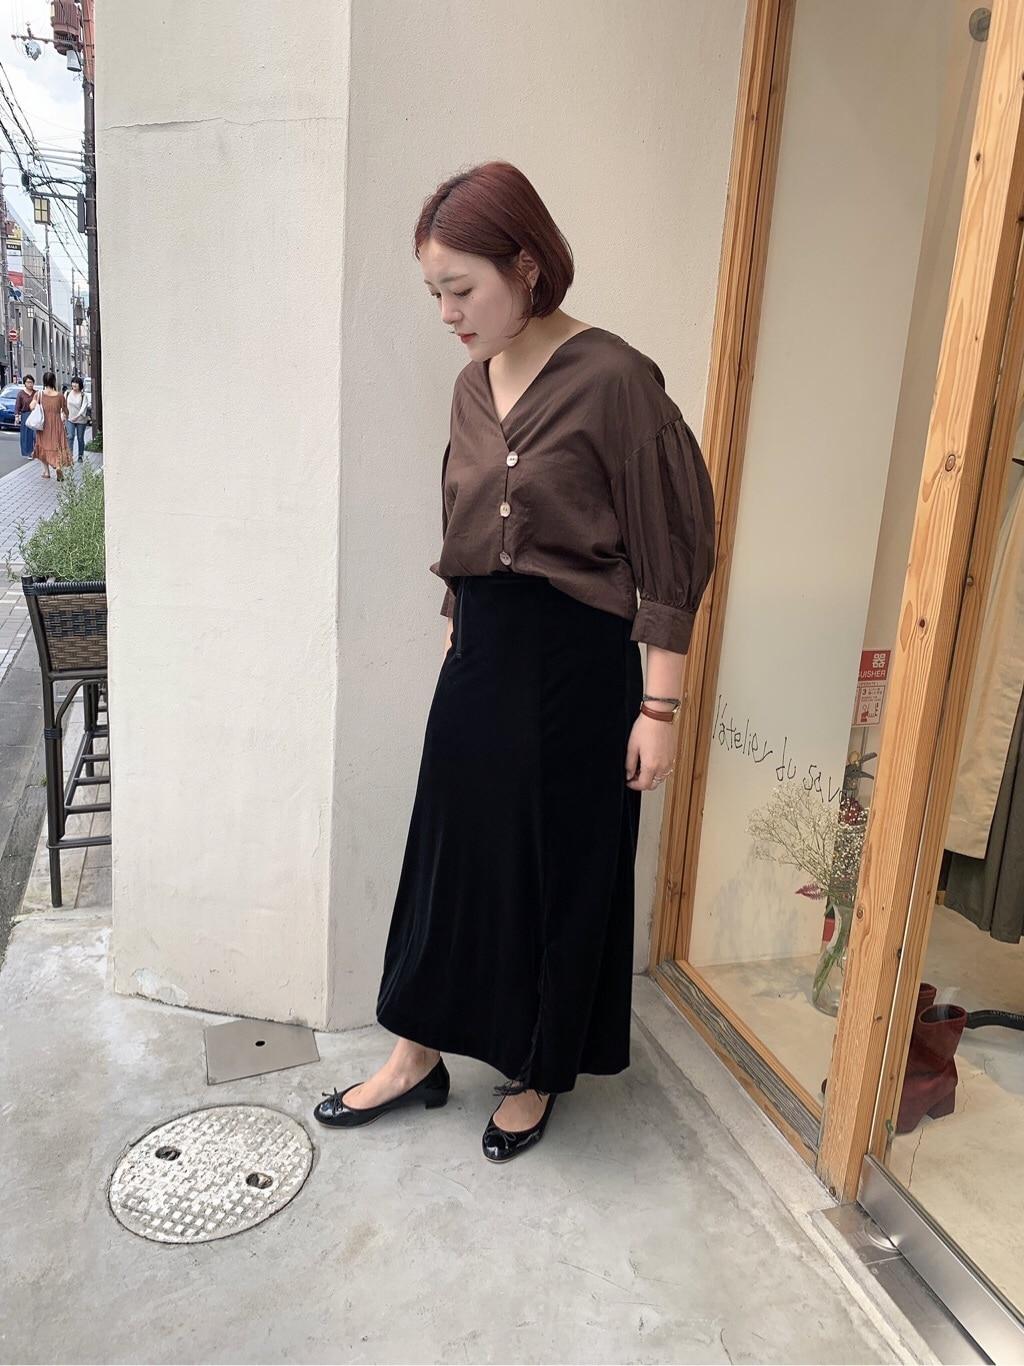 l'atelier du savon 京都路面 身長:166cm 2019.09.21